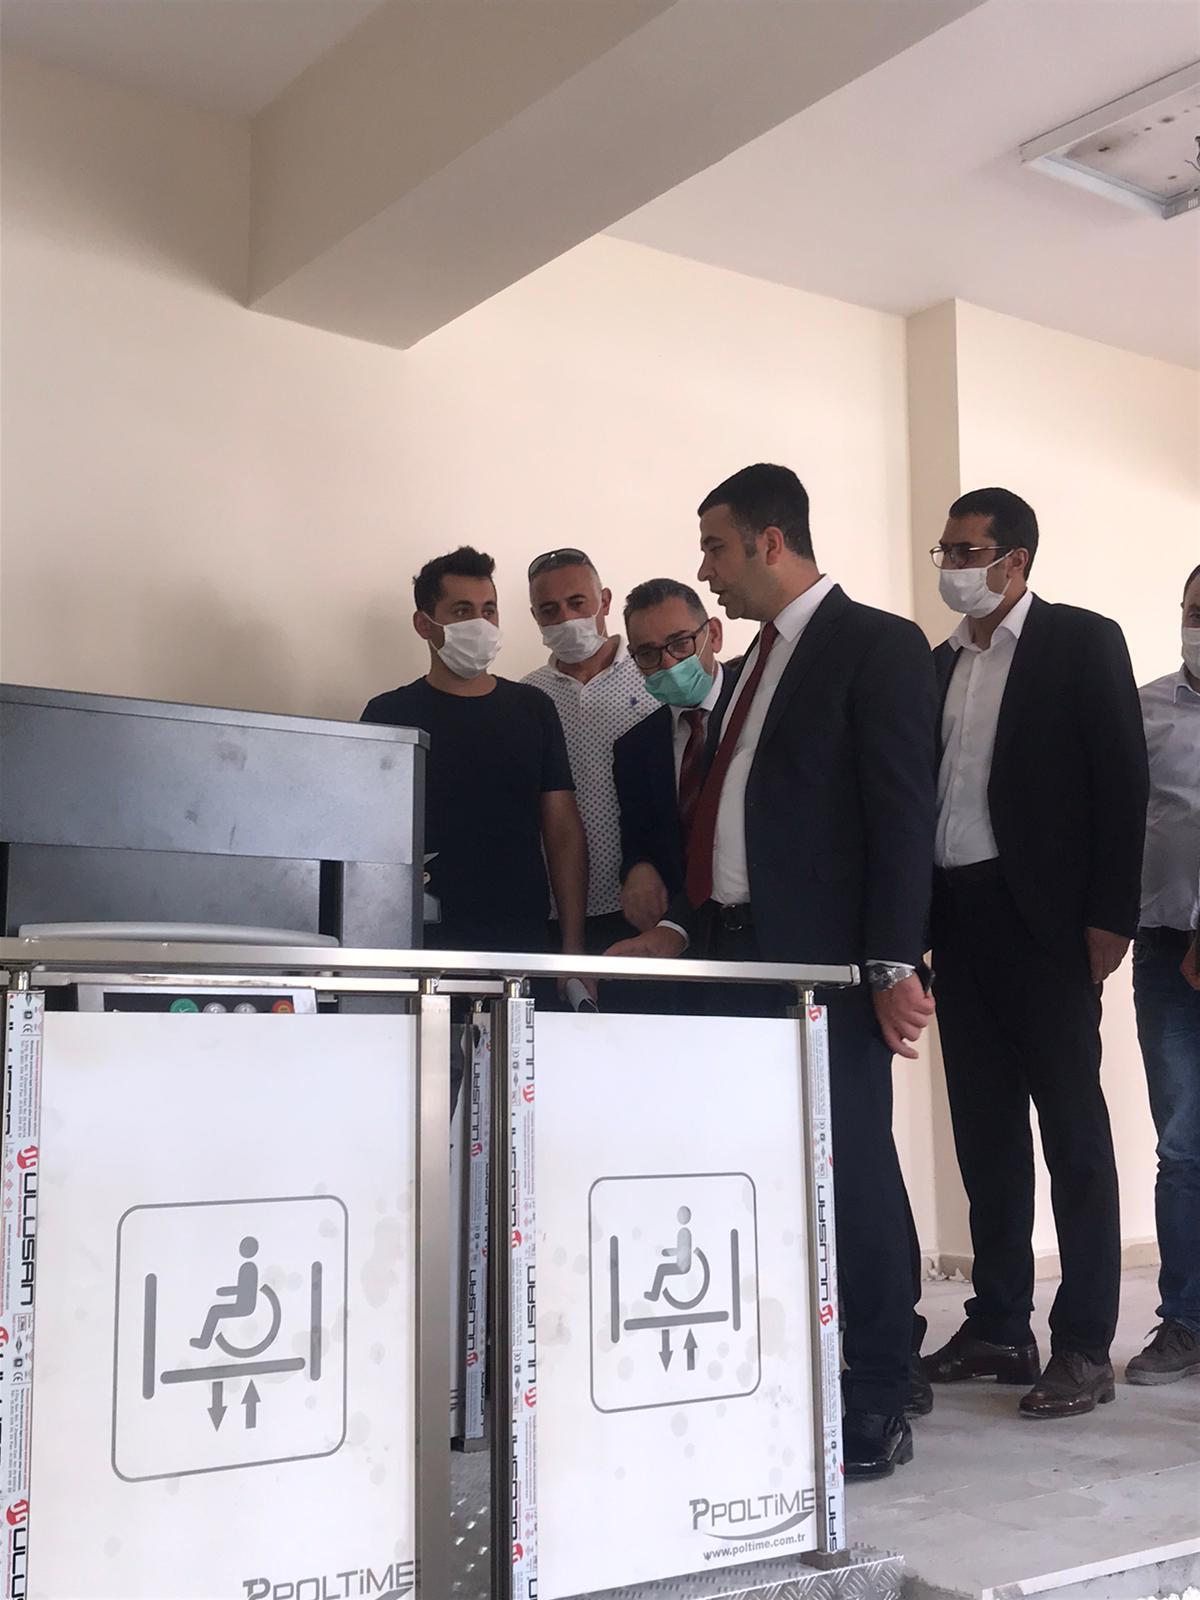 Hakkari İli Merkez İlçesinde yapımı devam eden Atatürk Kültür Merkezi Güçlendirme ve Onarım İncelemeleri